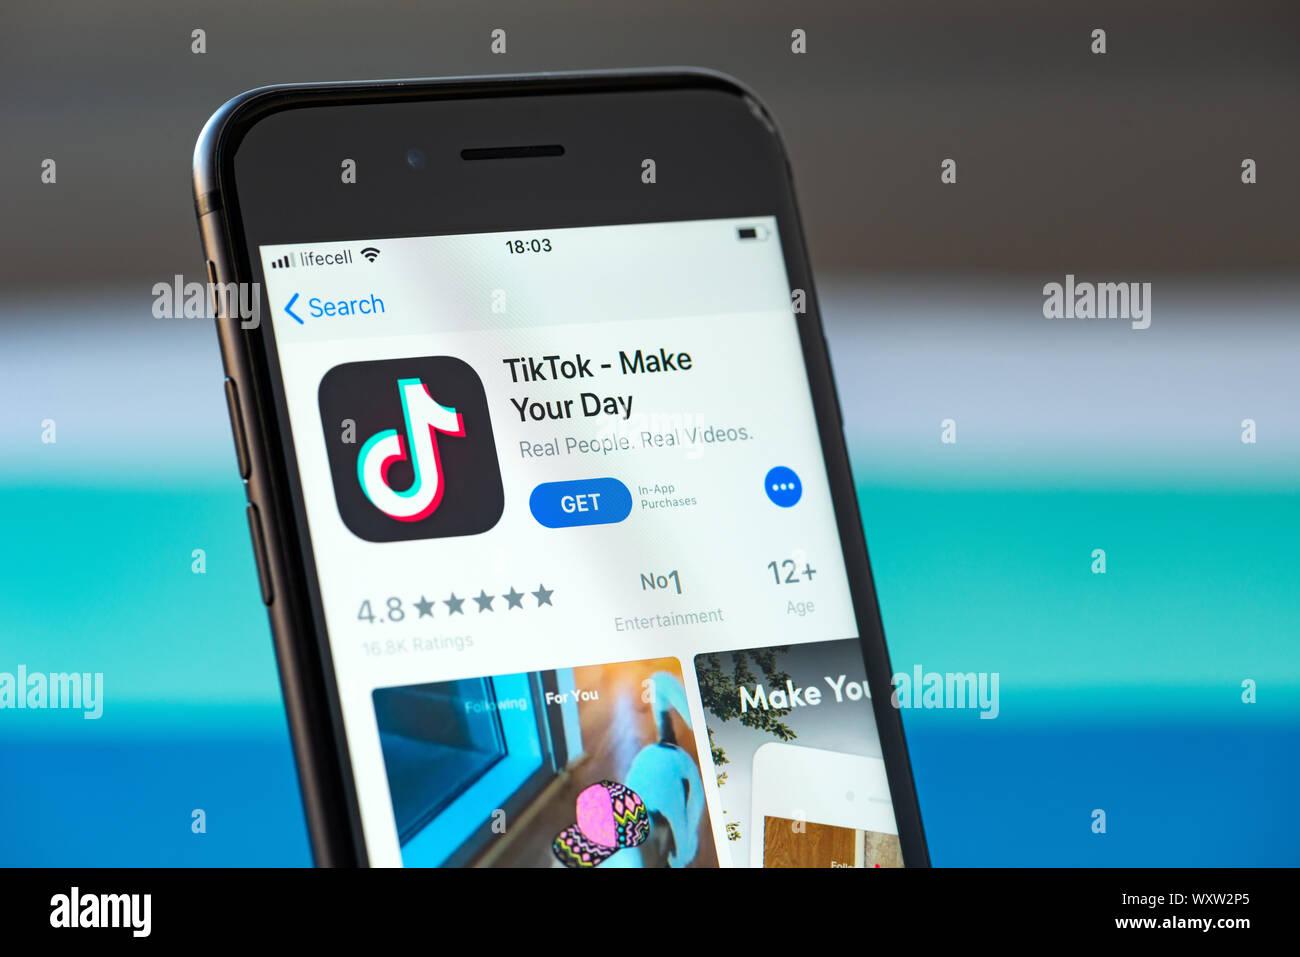 Kiev, Ukraine - le 17 septembre 2019: Apple iPhone 8 smartphone avec TikTok mobile sur l'écran Banque D'Images